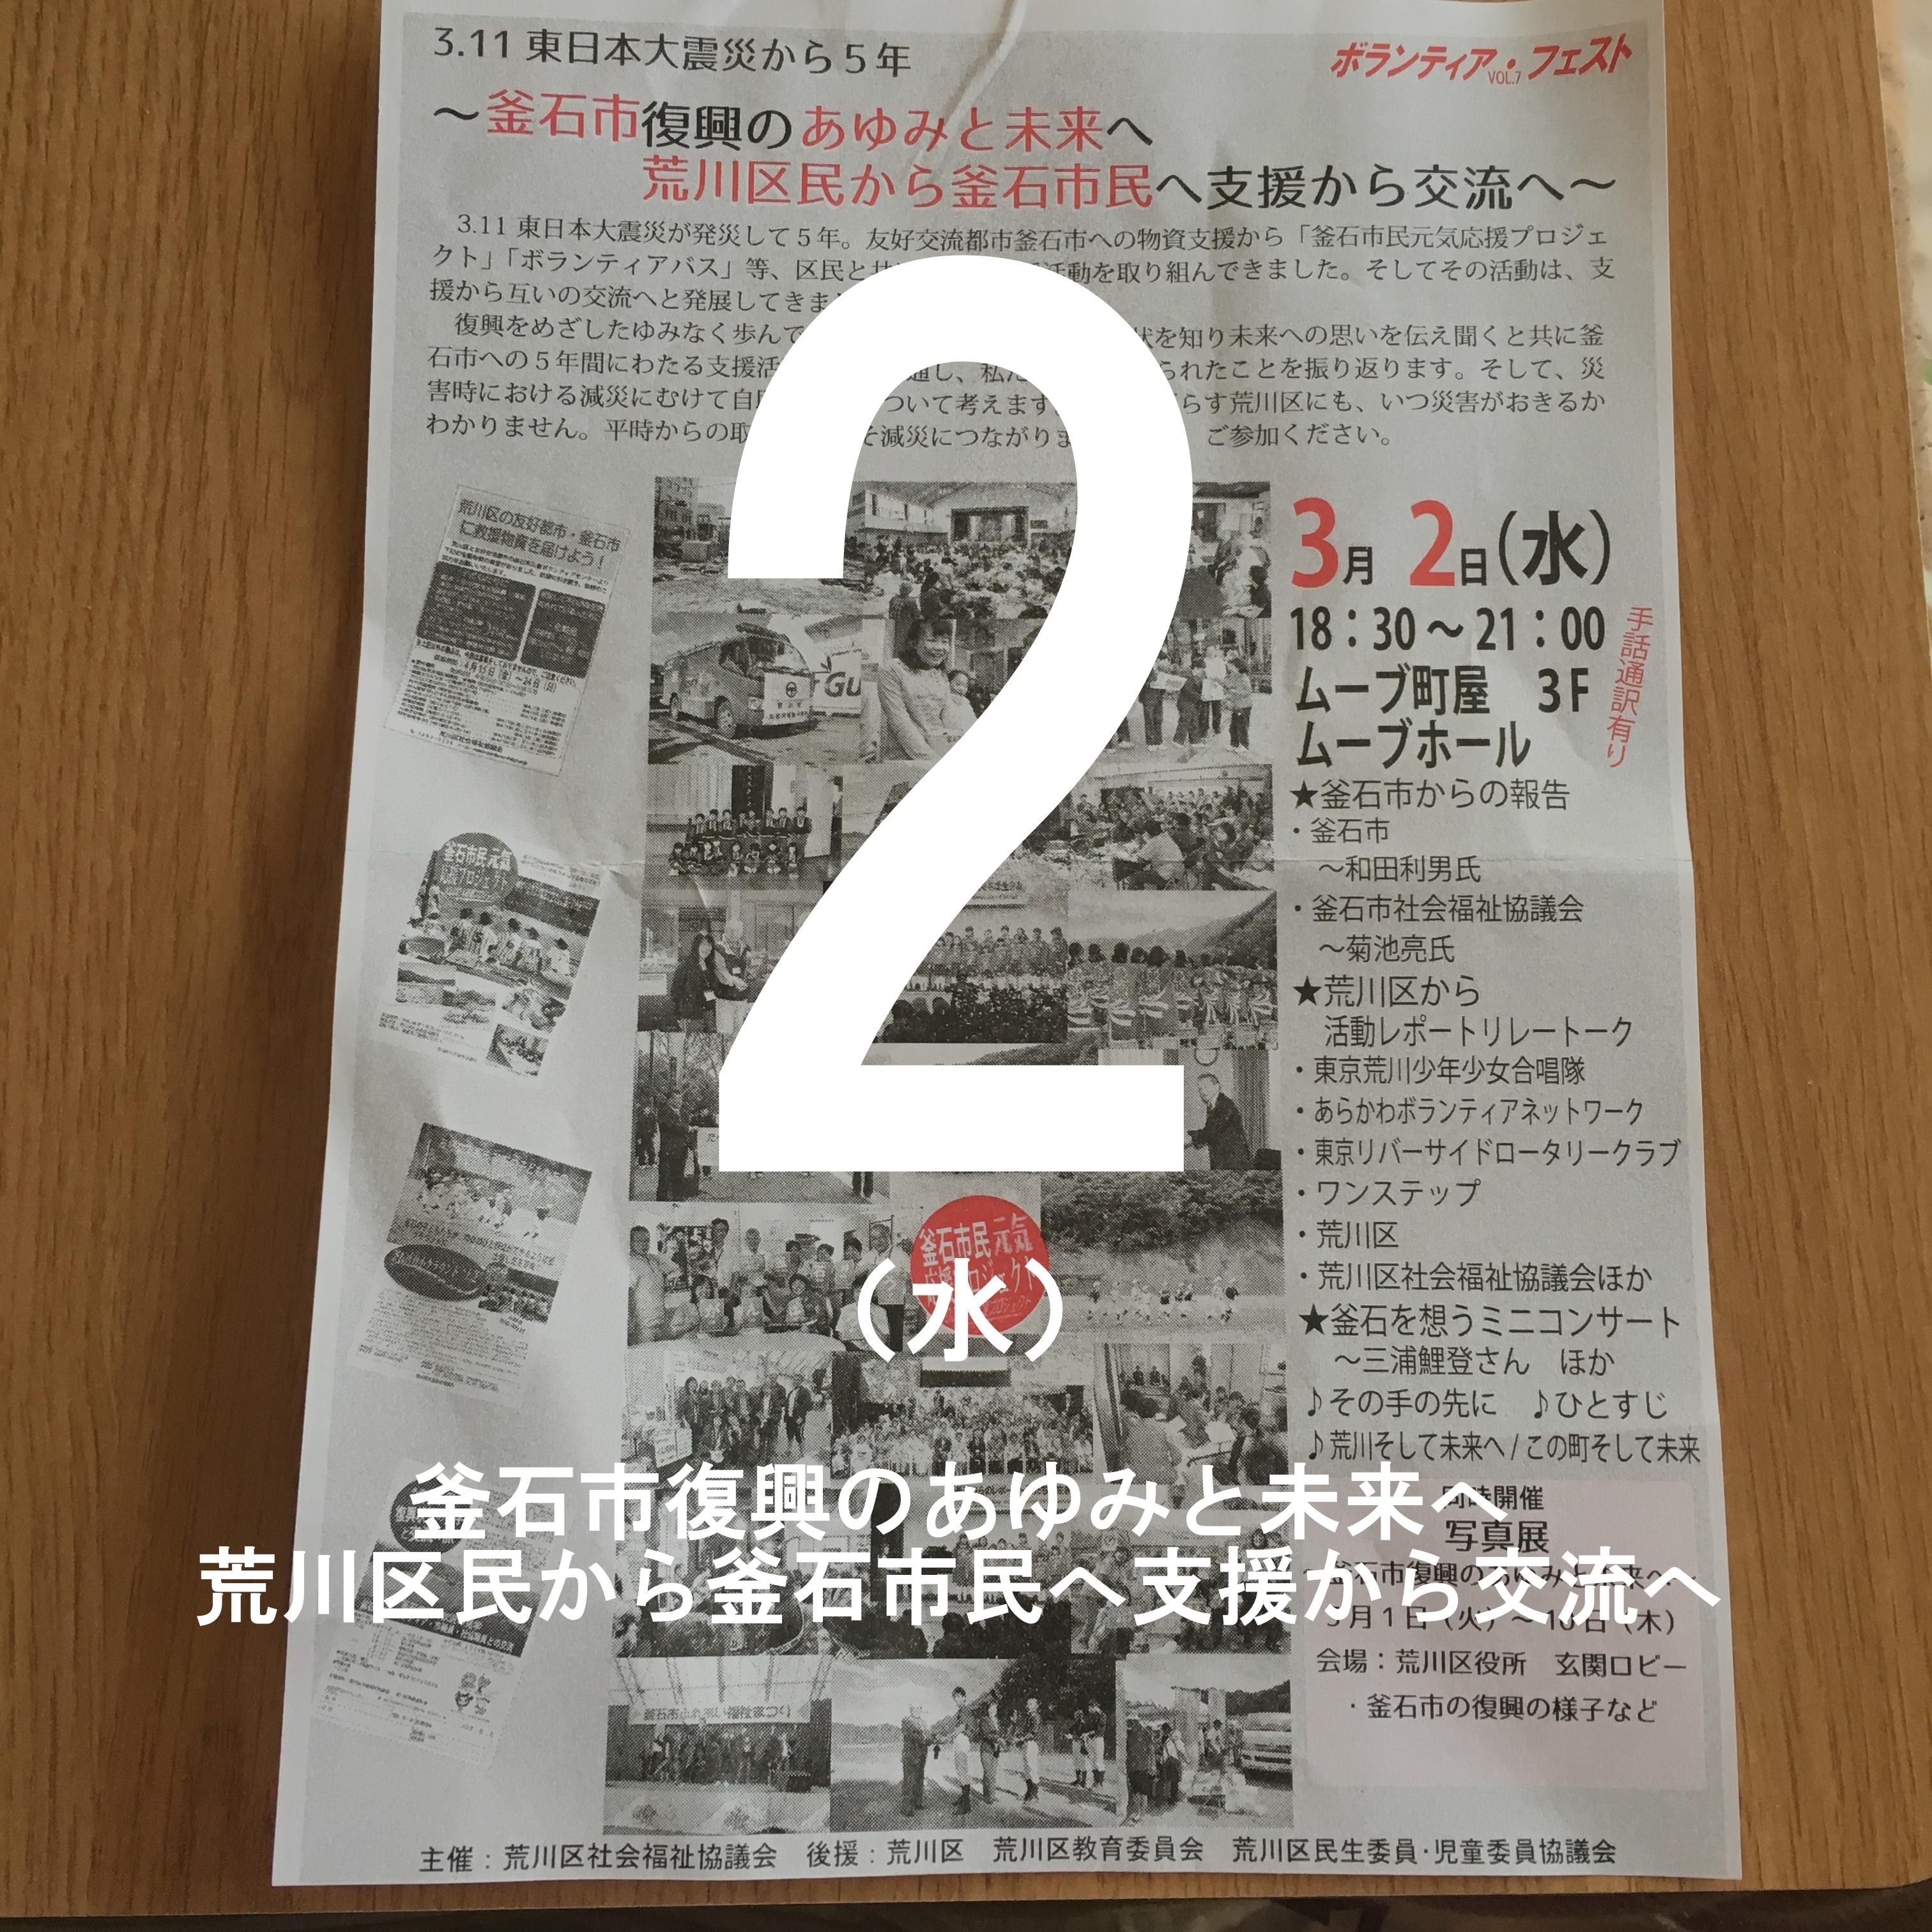 イベント情報 - (3月2日)釜石復興のあゆみと未来へ - 荒川区民から釜石市民へ支援から交流へ